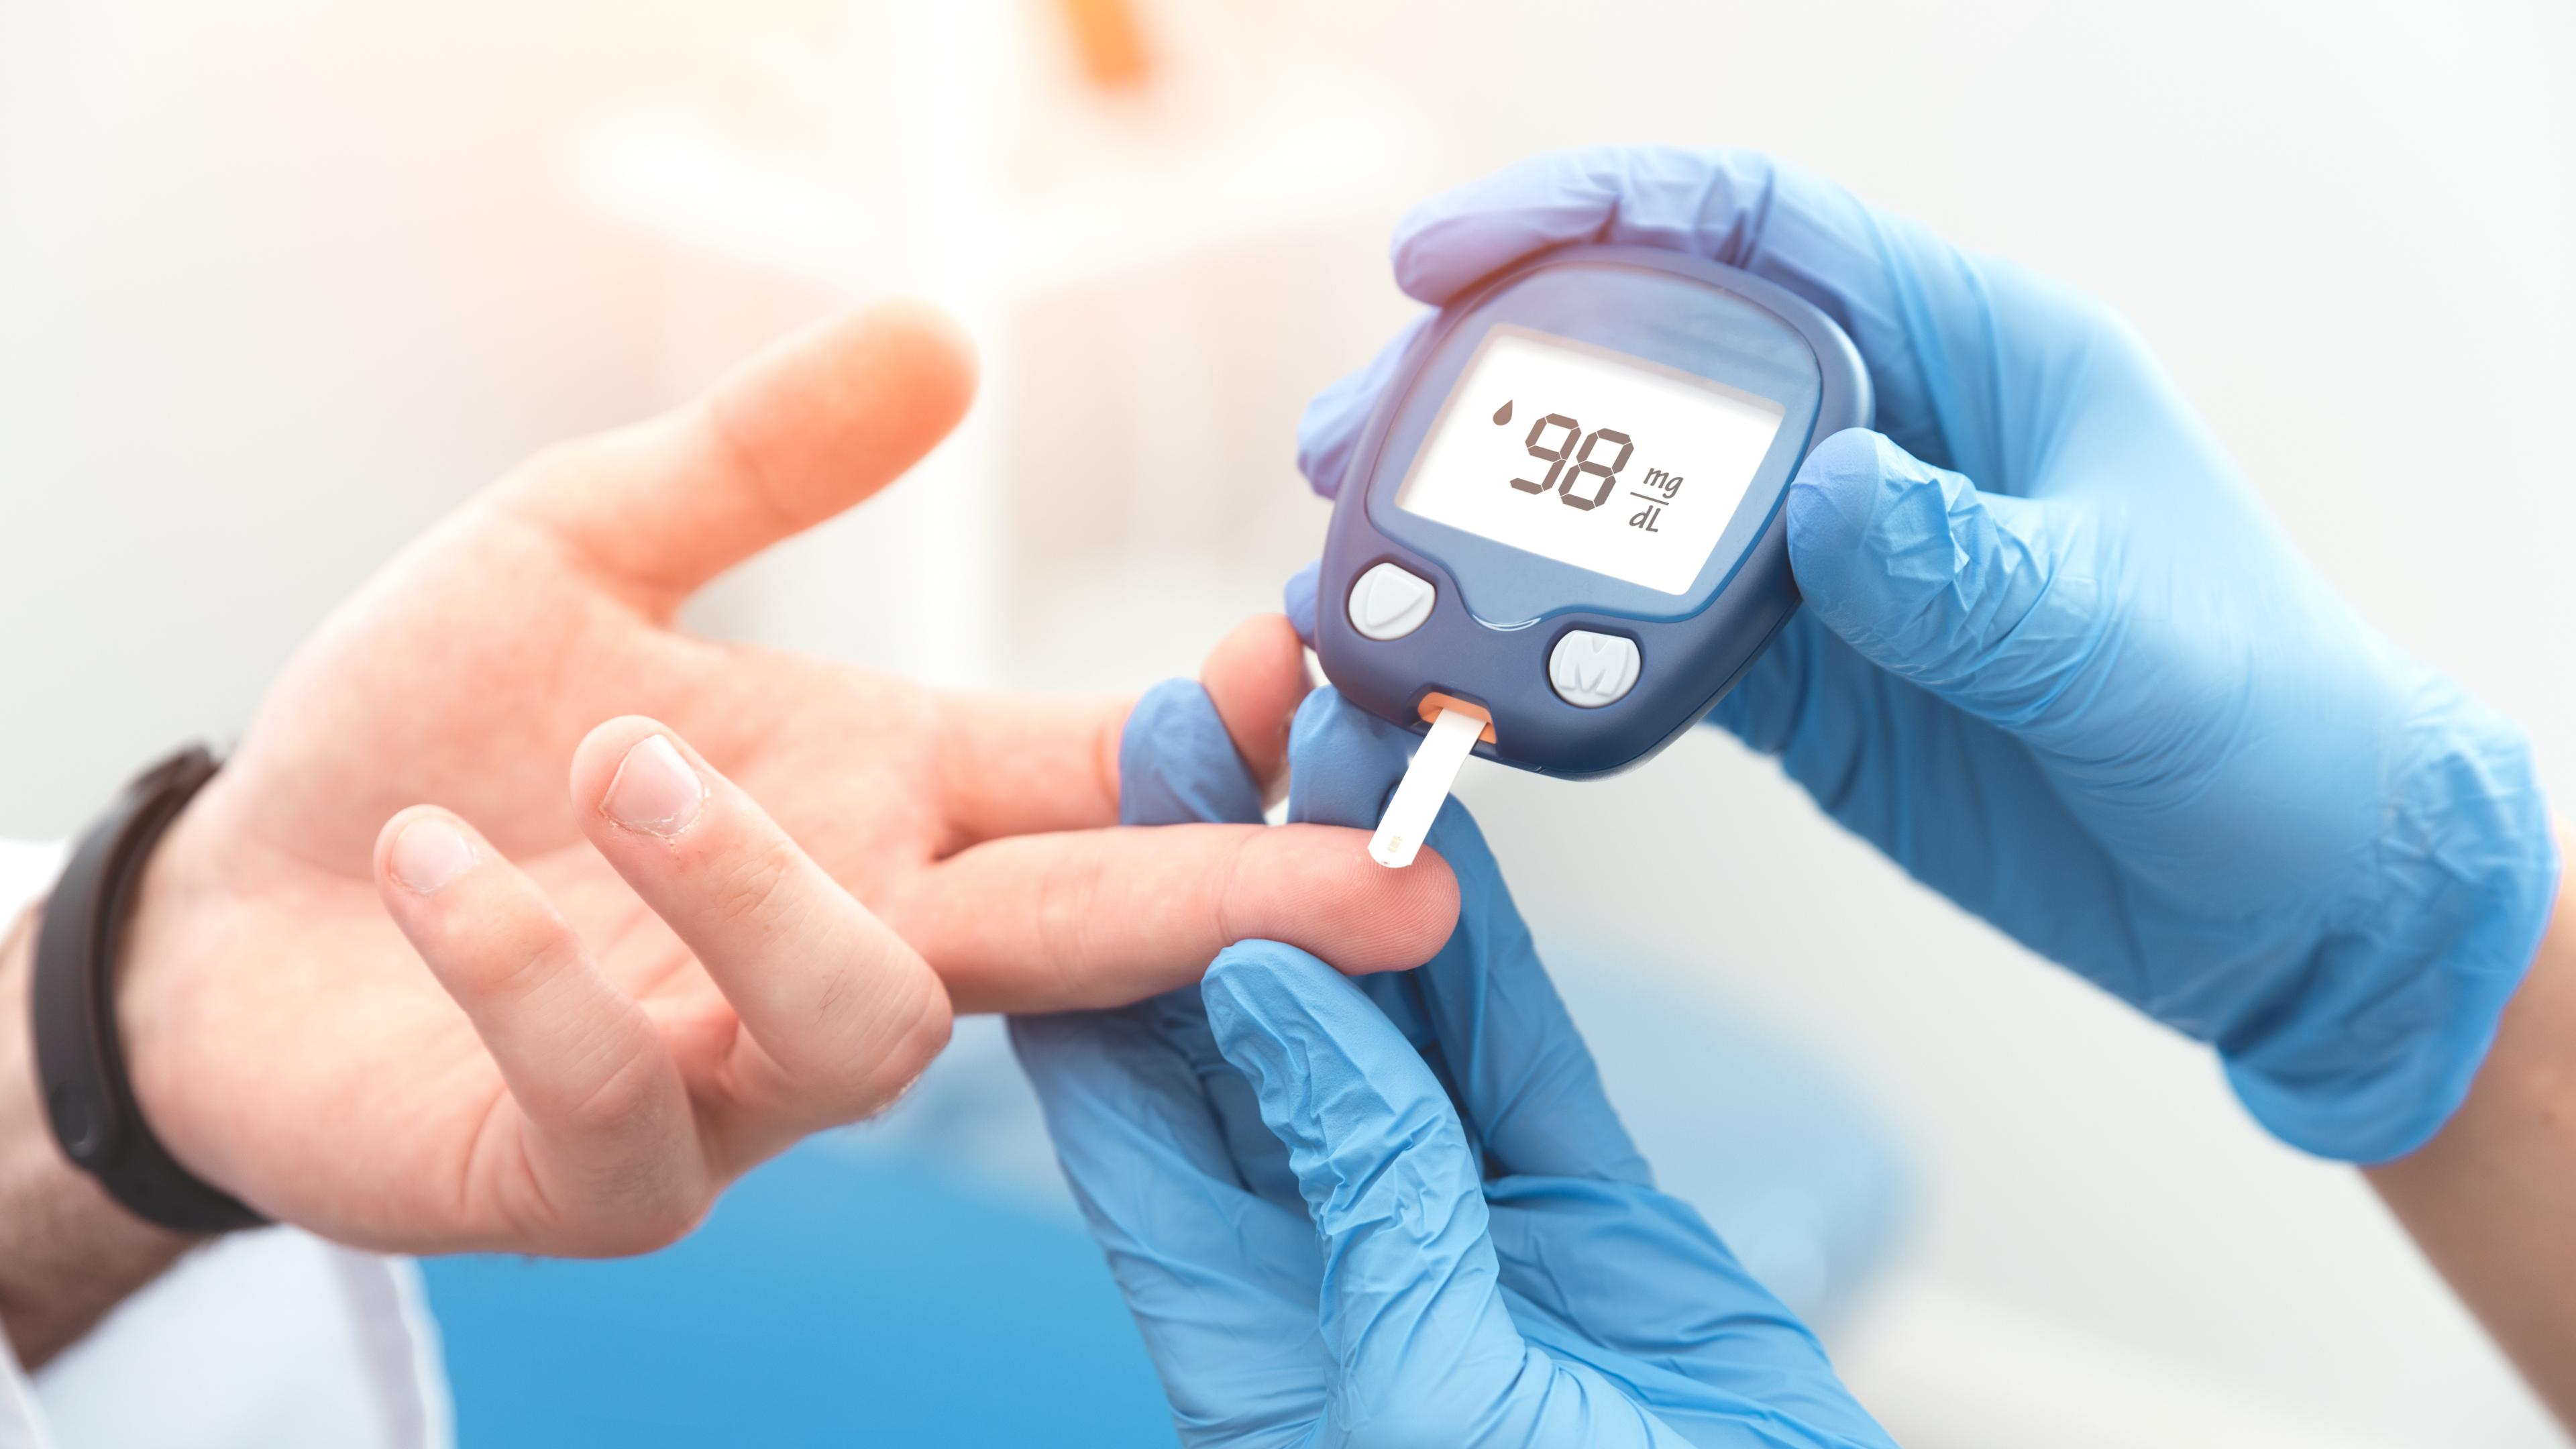 Обнаружен инсулиновый рецептор, открывающий новые пути к избавлению от диабета